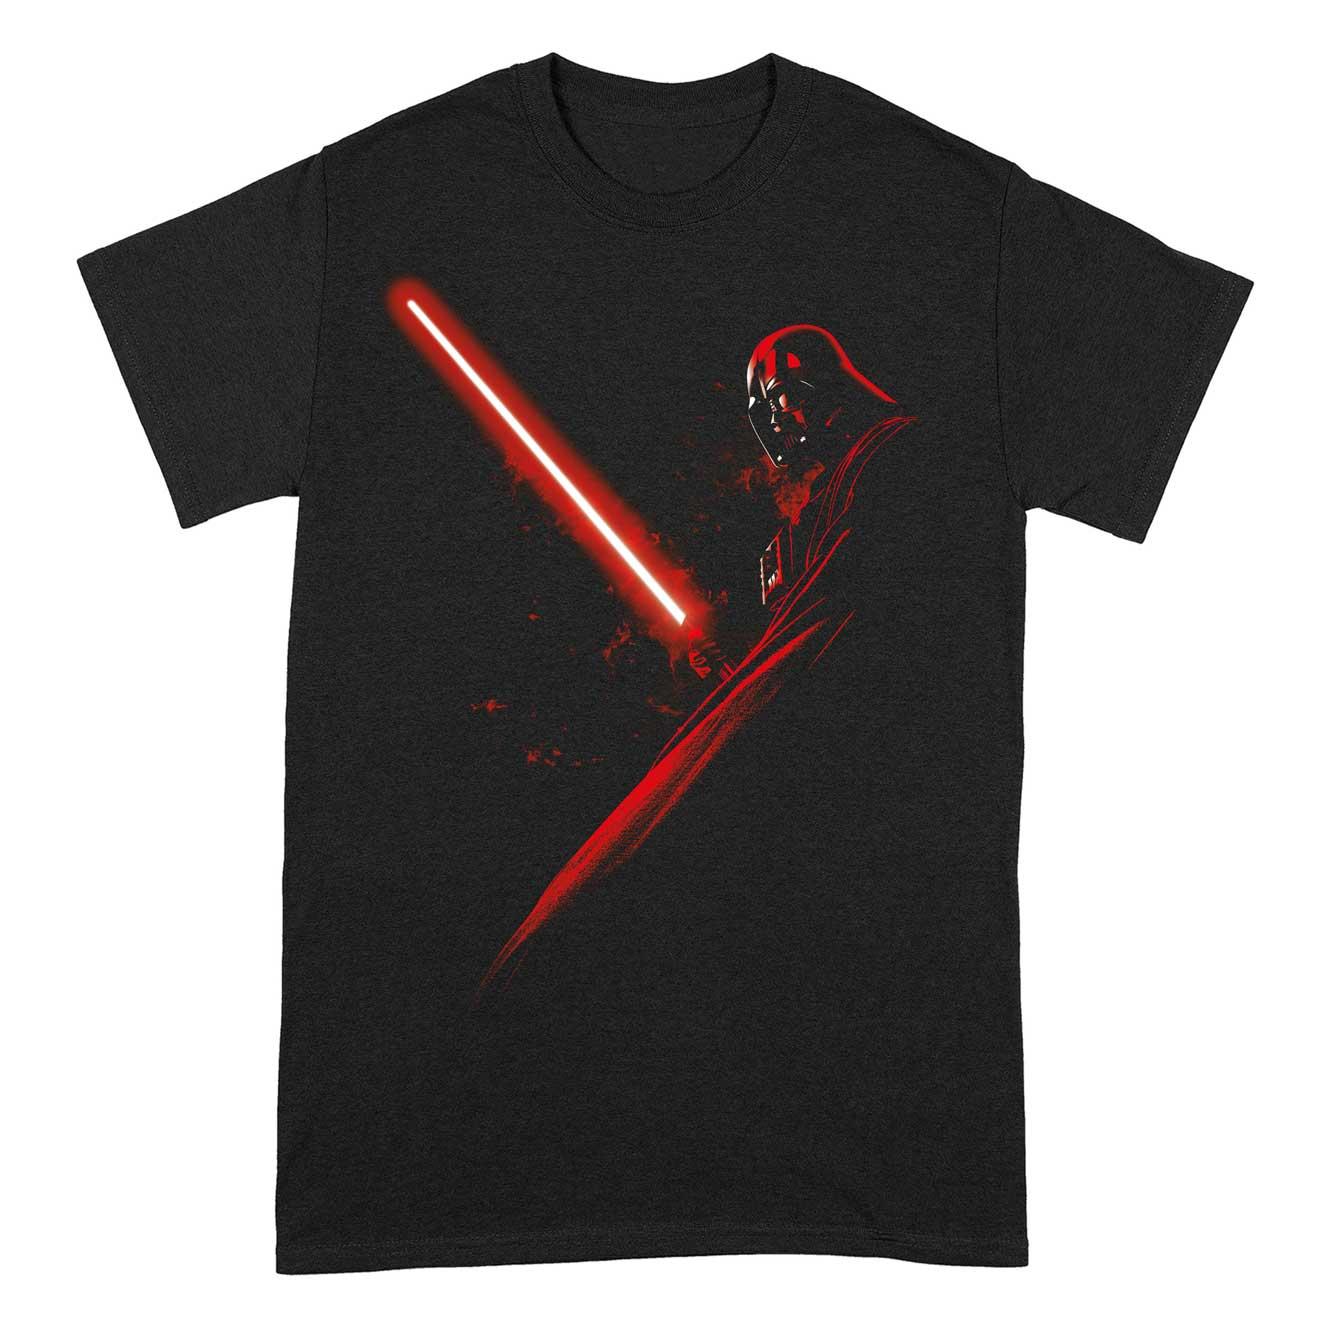 darth-vader-lightsaber-t-shirt